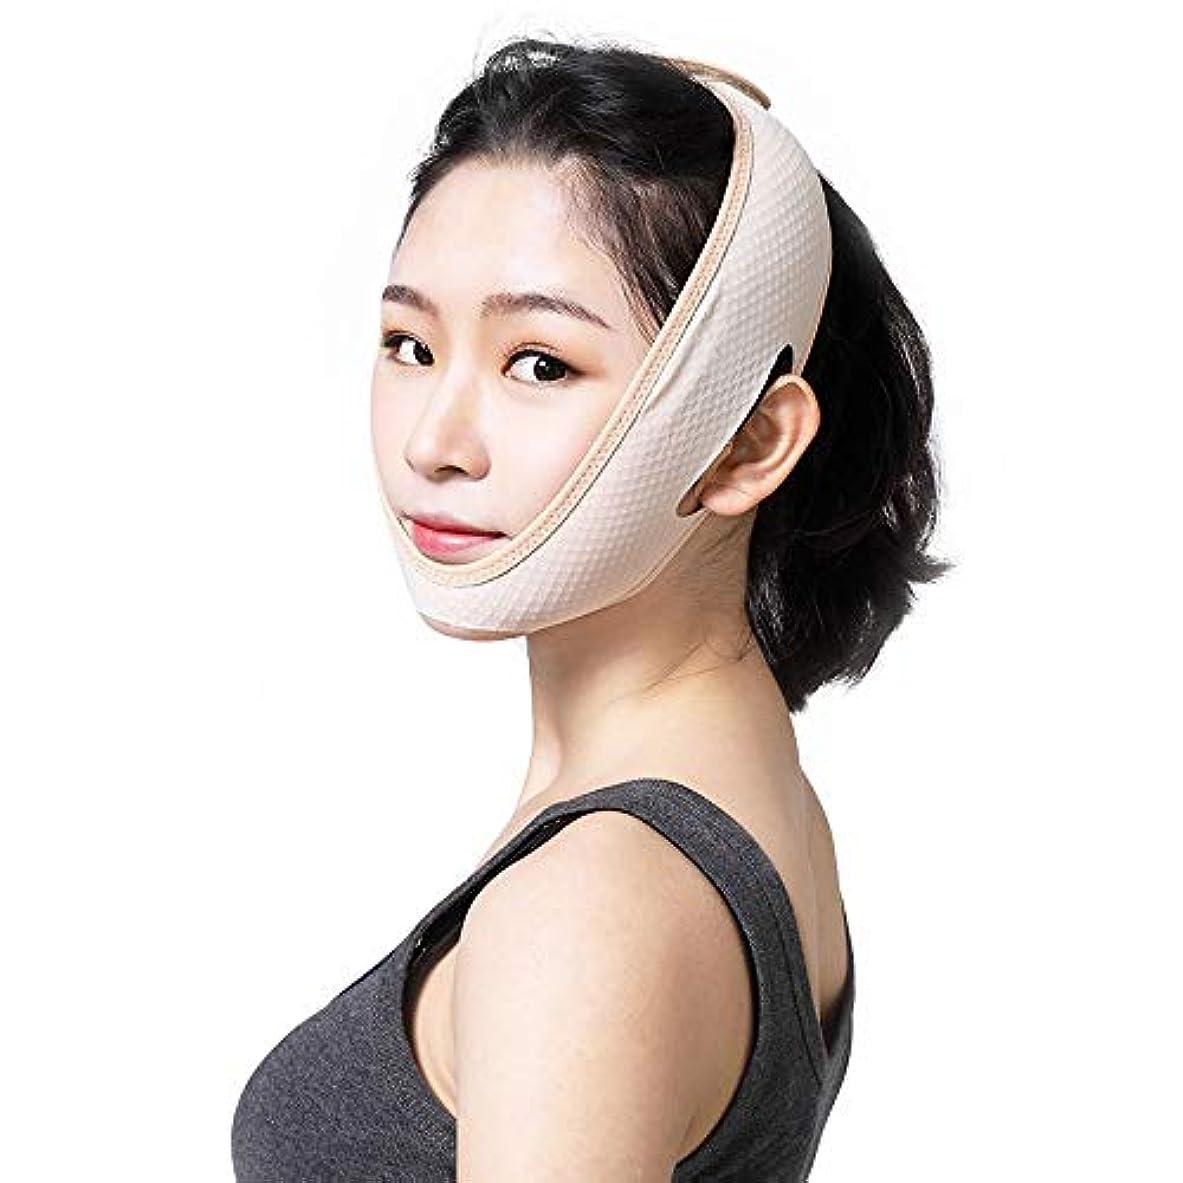 癌君主制援助するJia Jia- シンフェイスアーティファクトVフェイスタイトリフティングフェイスリフトシンダブルチン男性と女性フェイス包帯マスク 顔面包帯